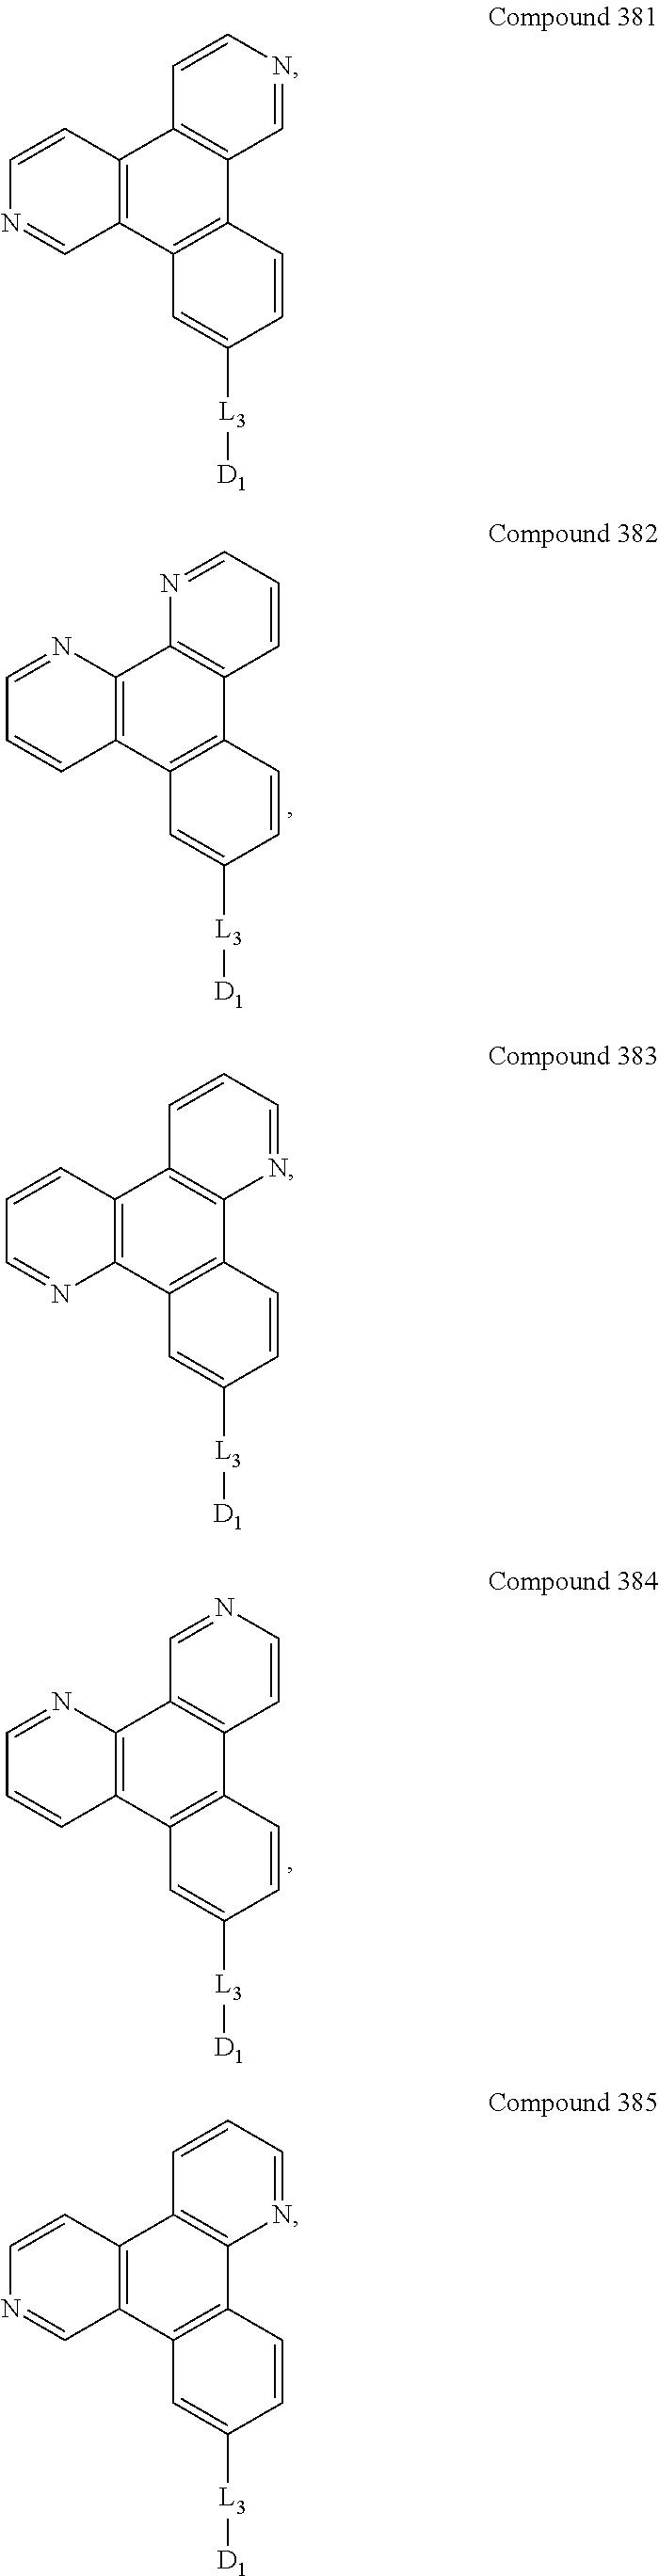 Figure US09537106-20170103-C00232